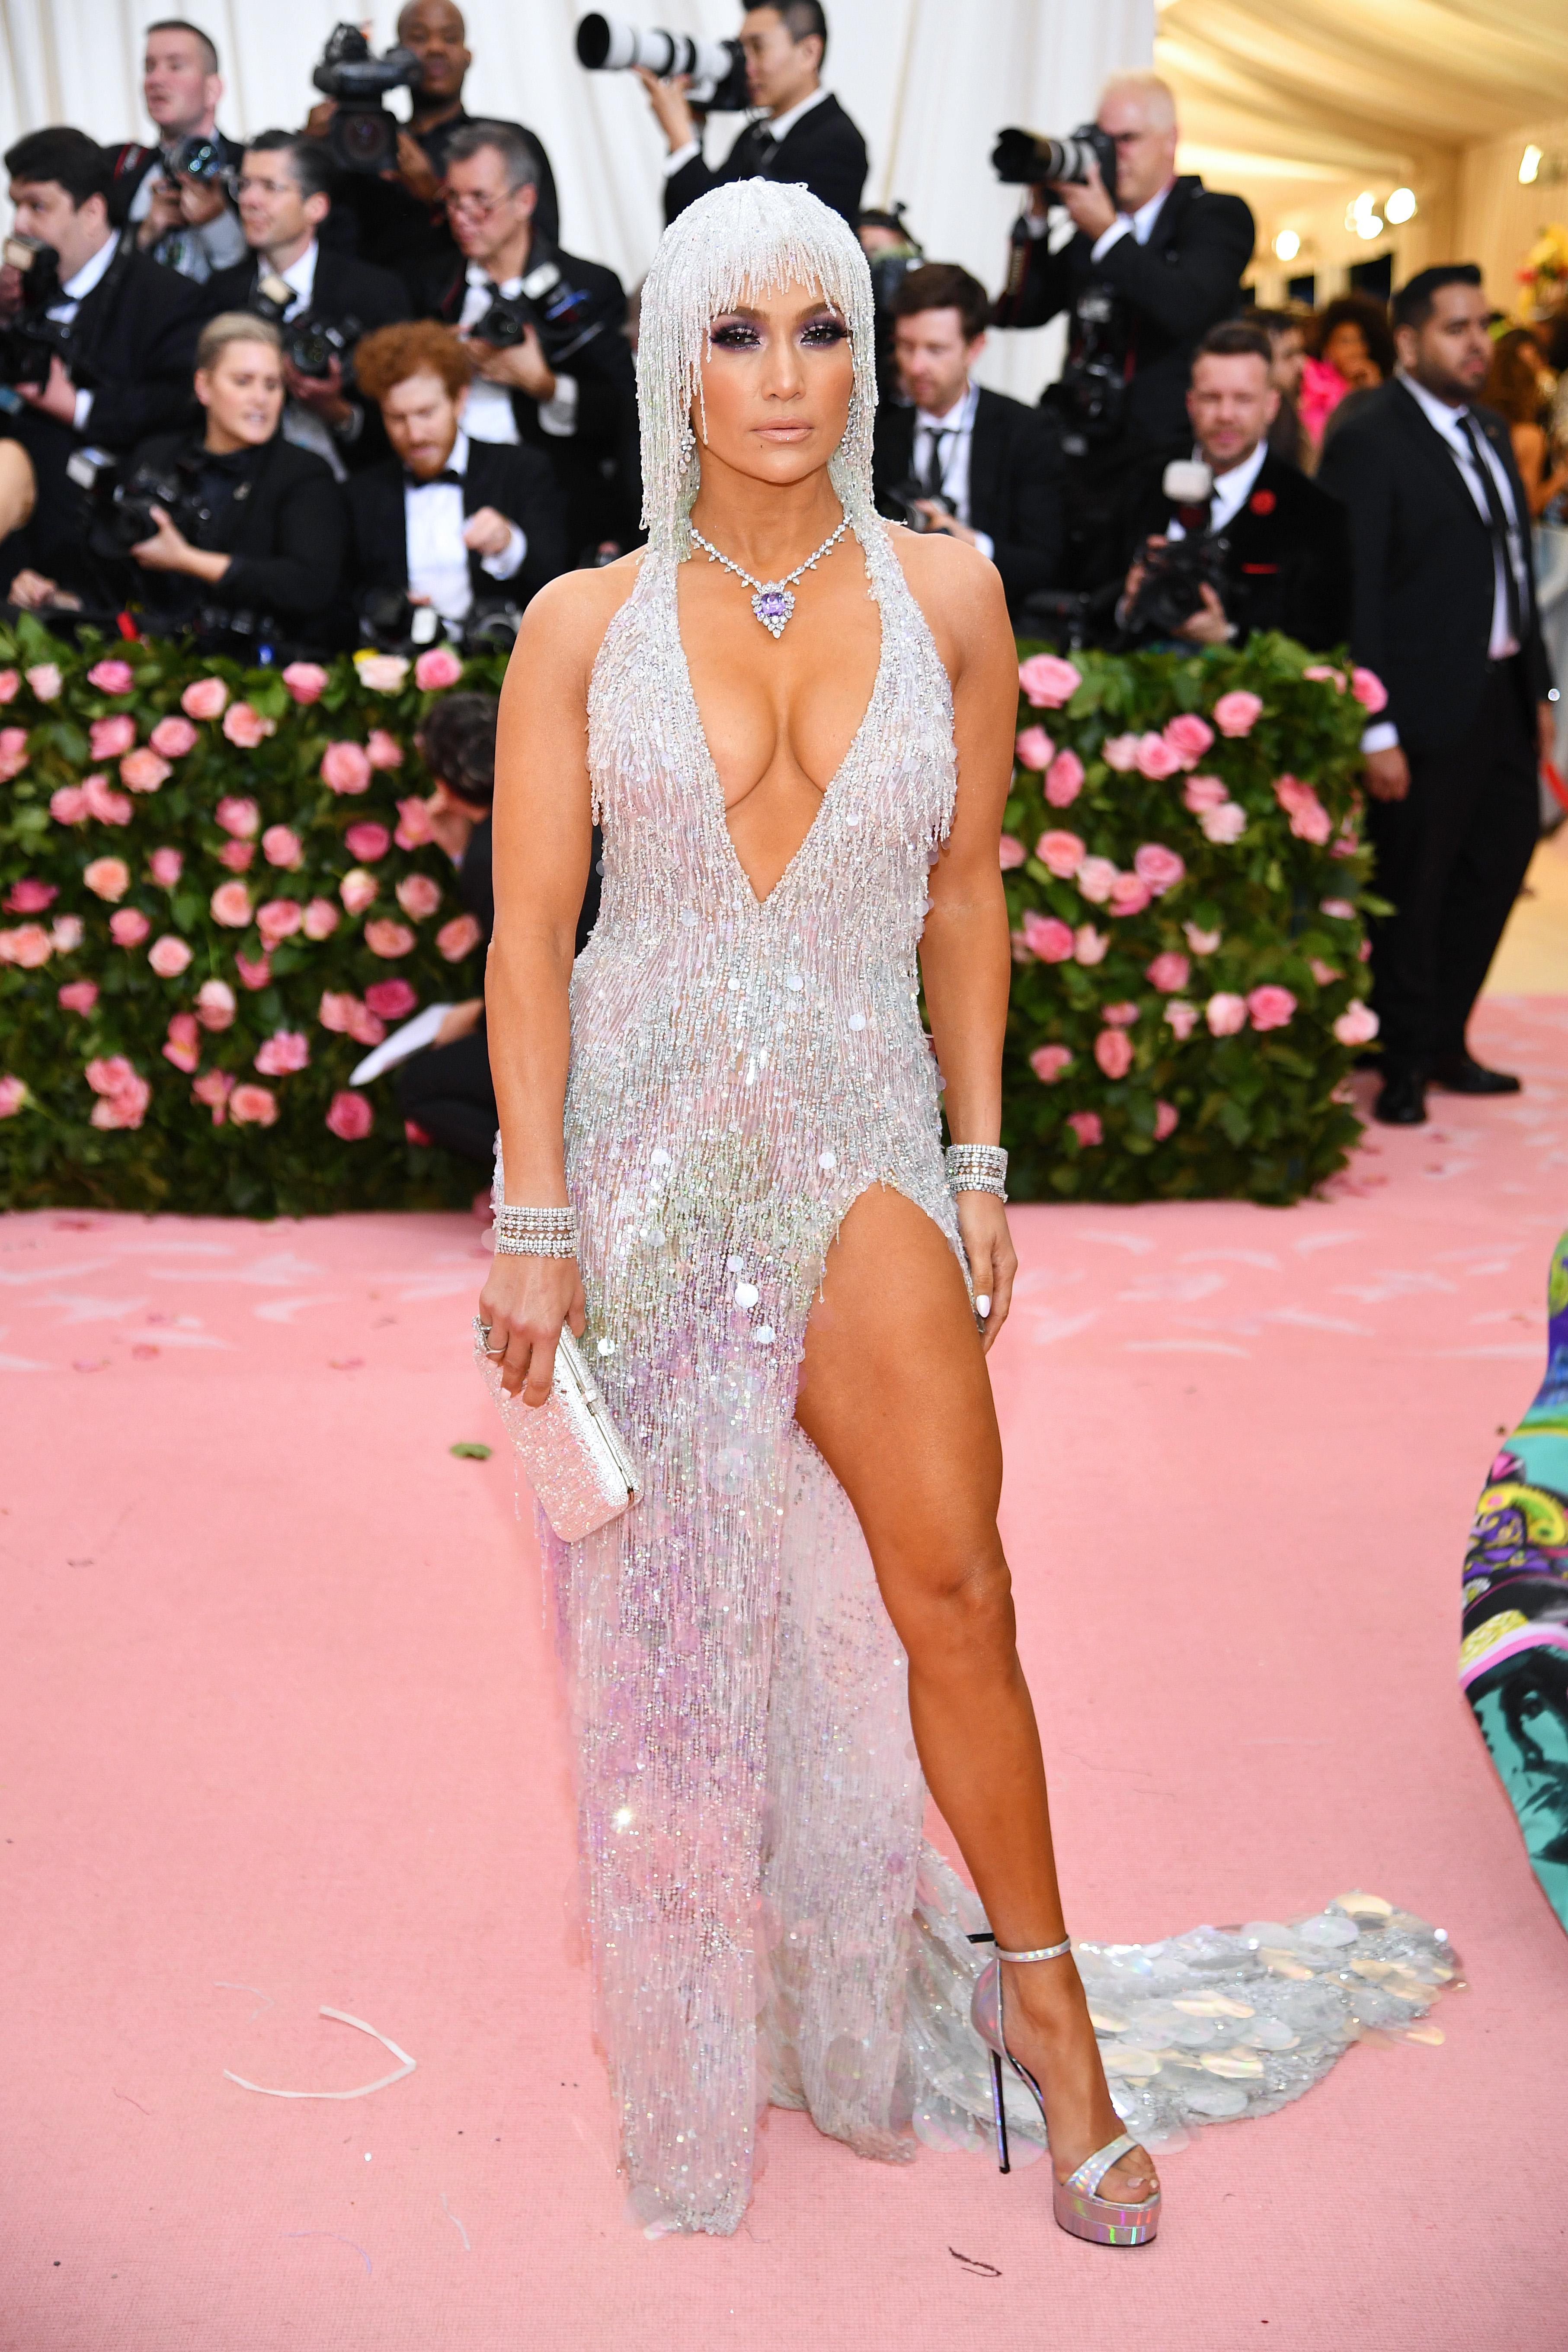 Jennifer Lopez, Jlo, look, Met Gala, 2019